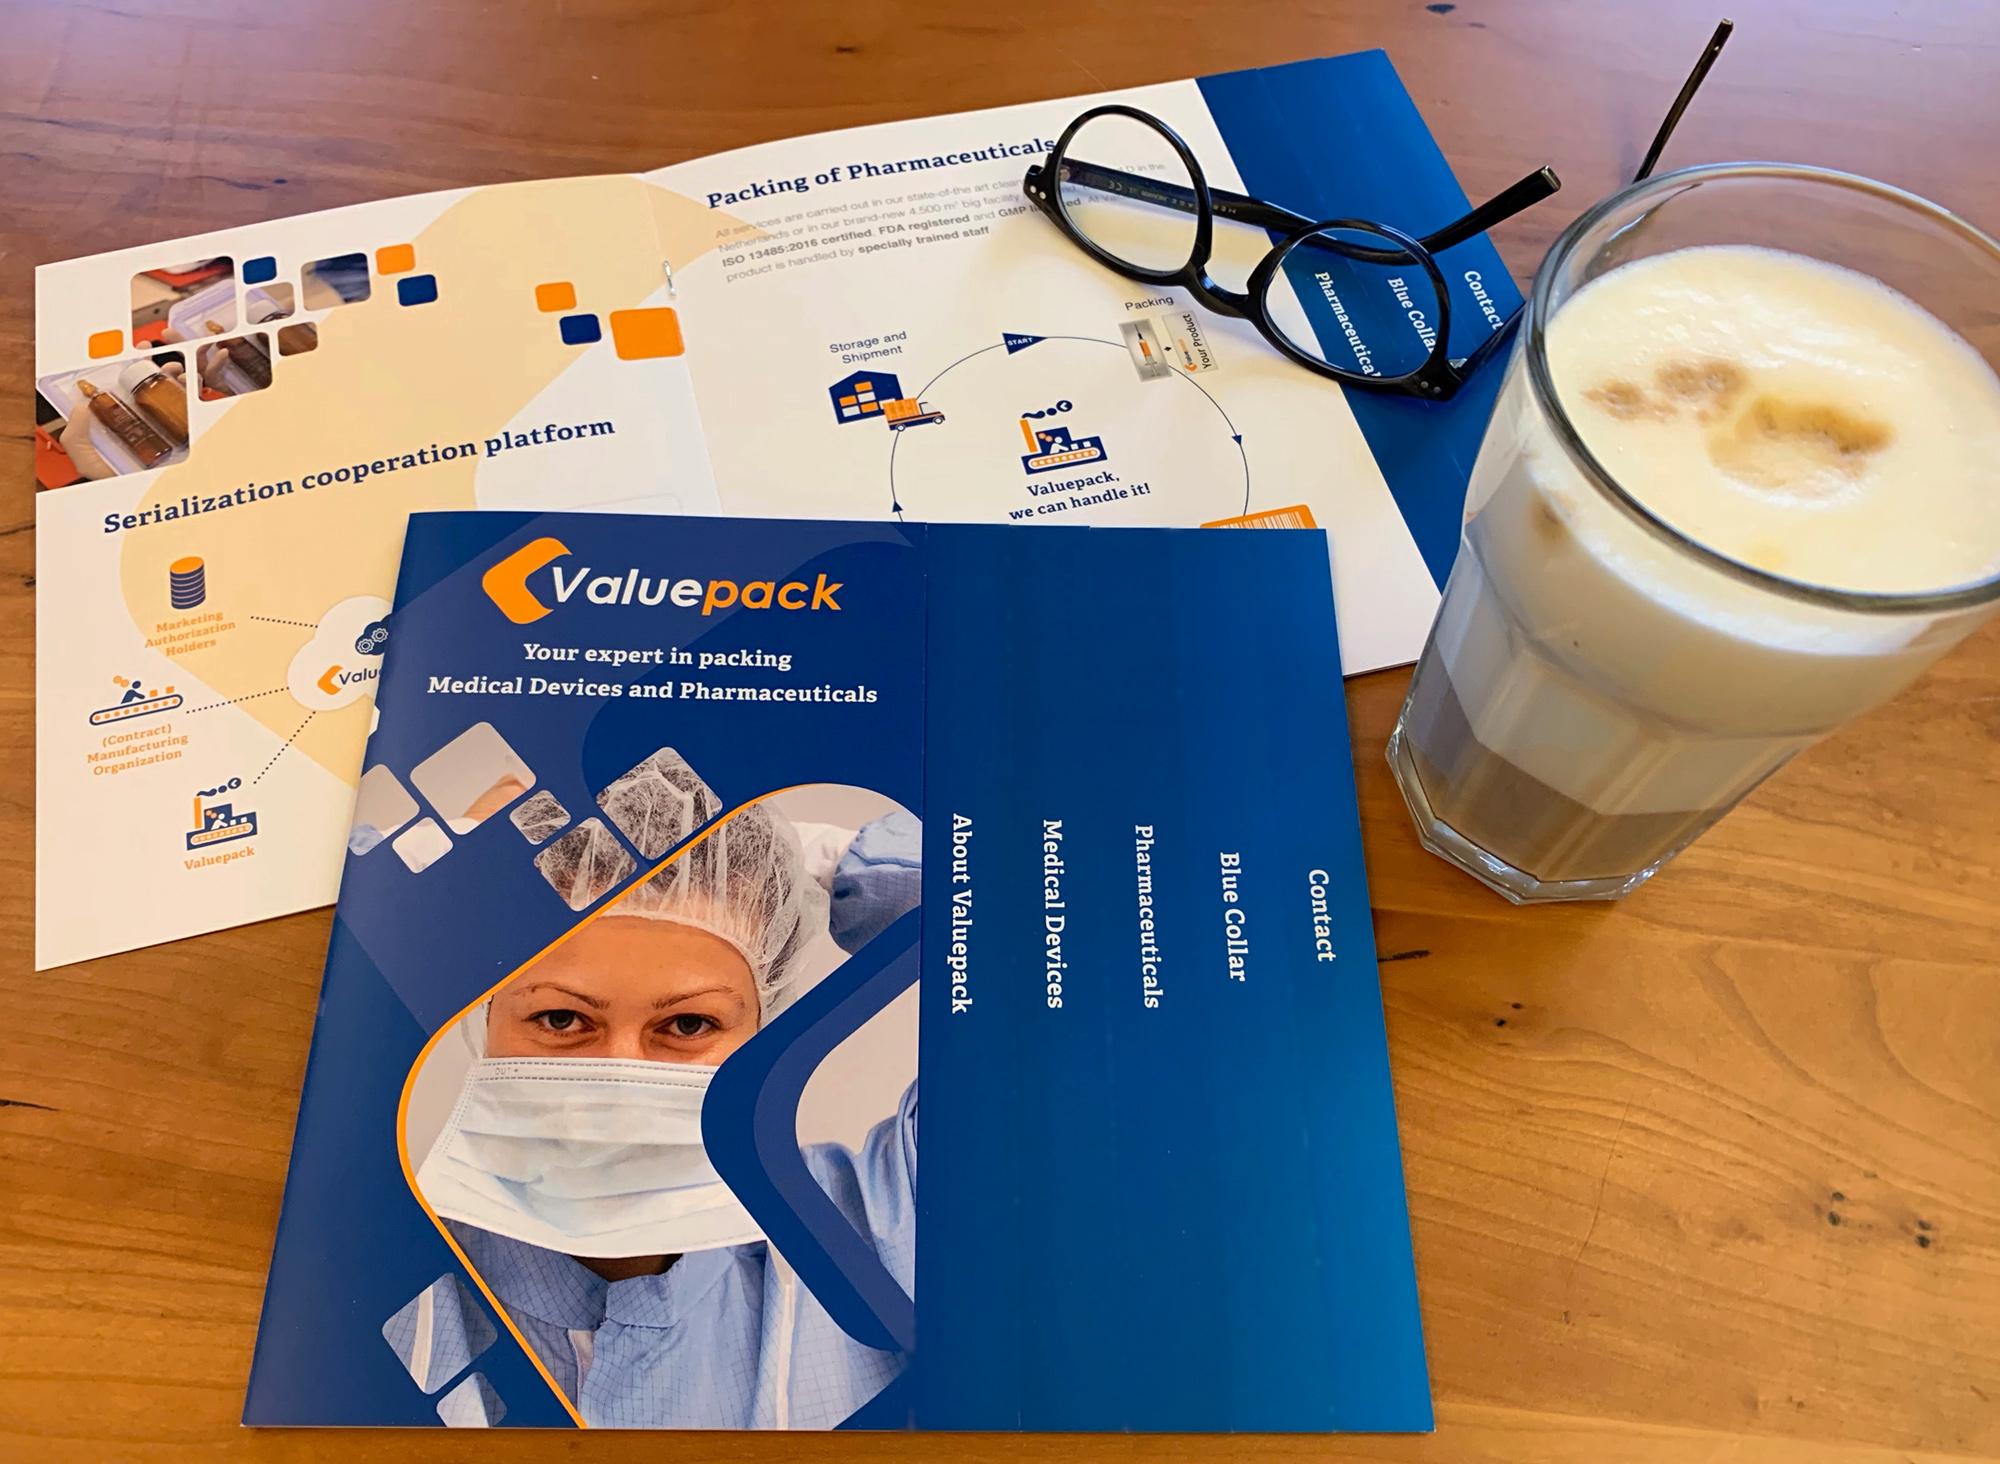 Valuepack op Pharmapack 2019 in Parijs